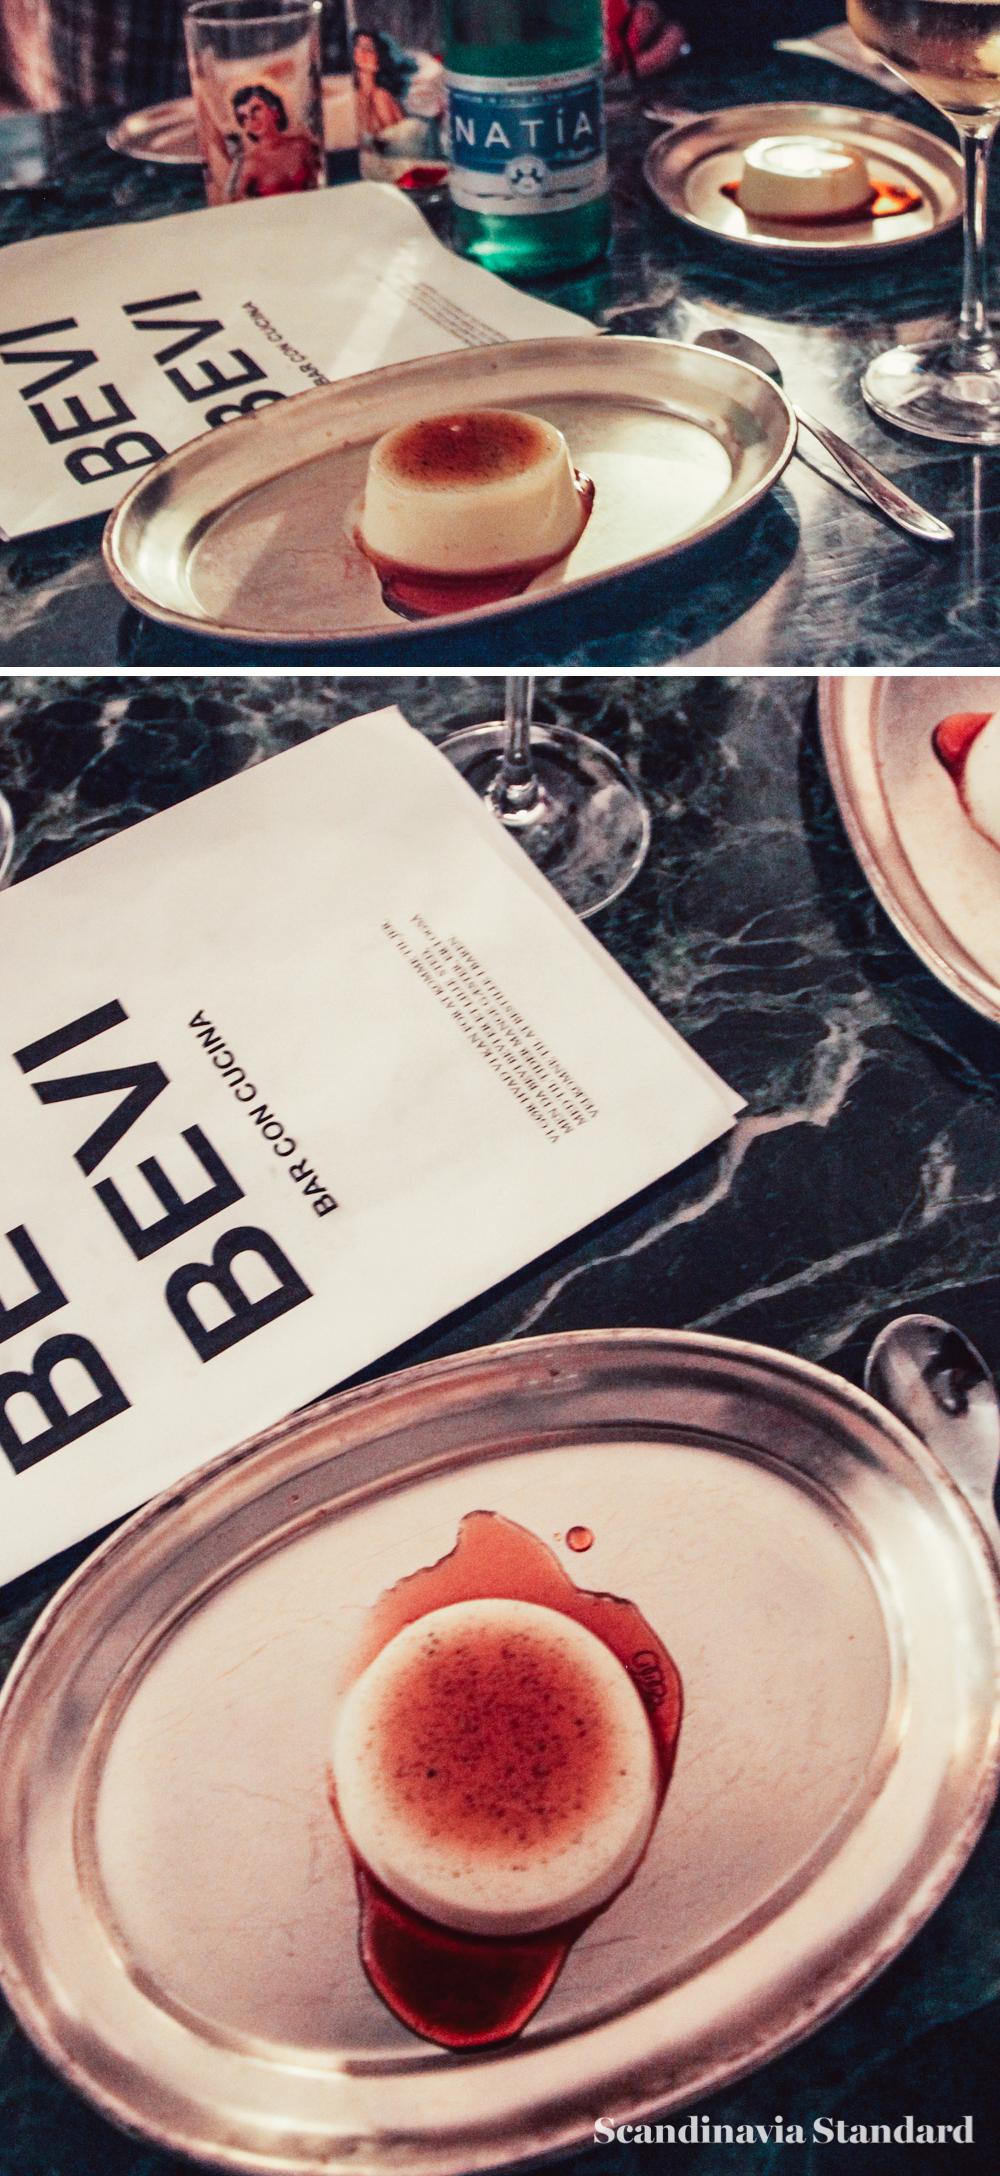 Bevi Bevi Desert panna cotta Copenhagen   Scandinavia Standard